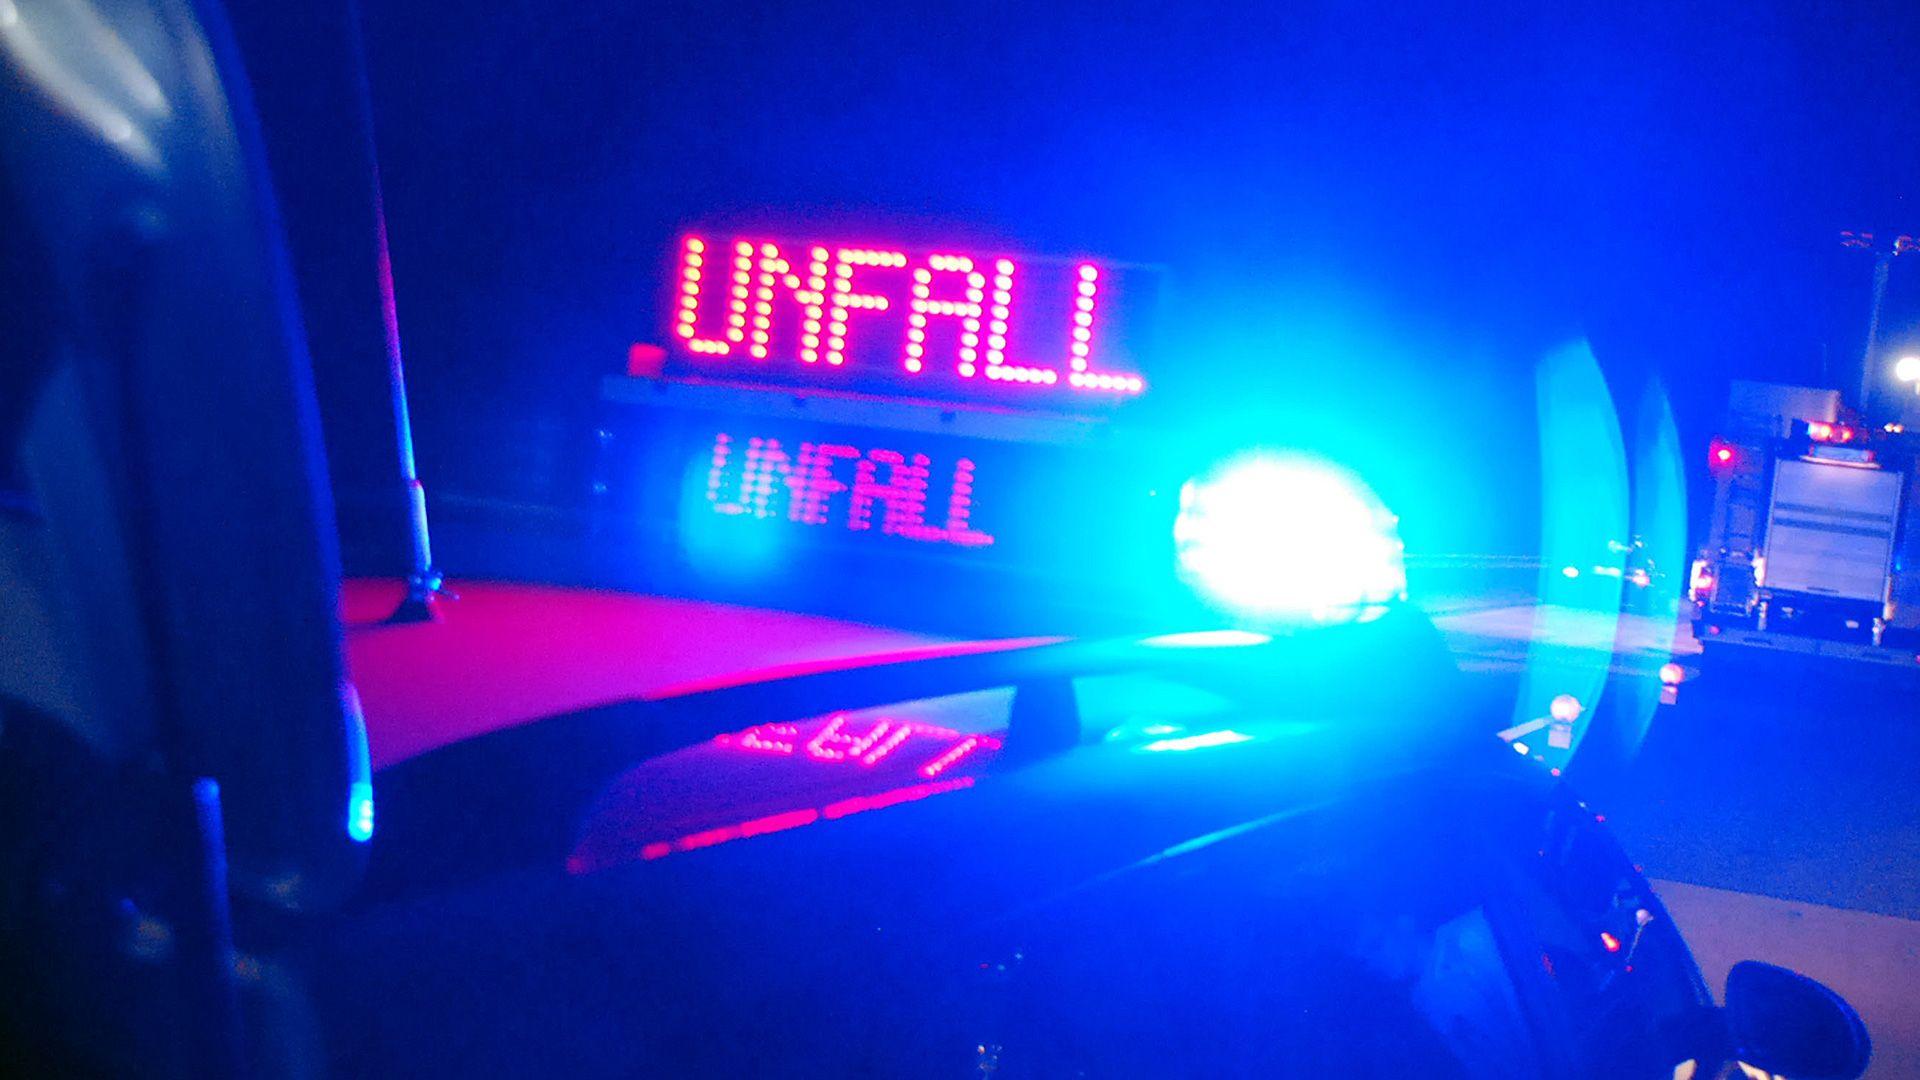 Polizeiauto mit blinkender Unfall-Anzeige und Blaulicht